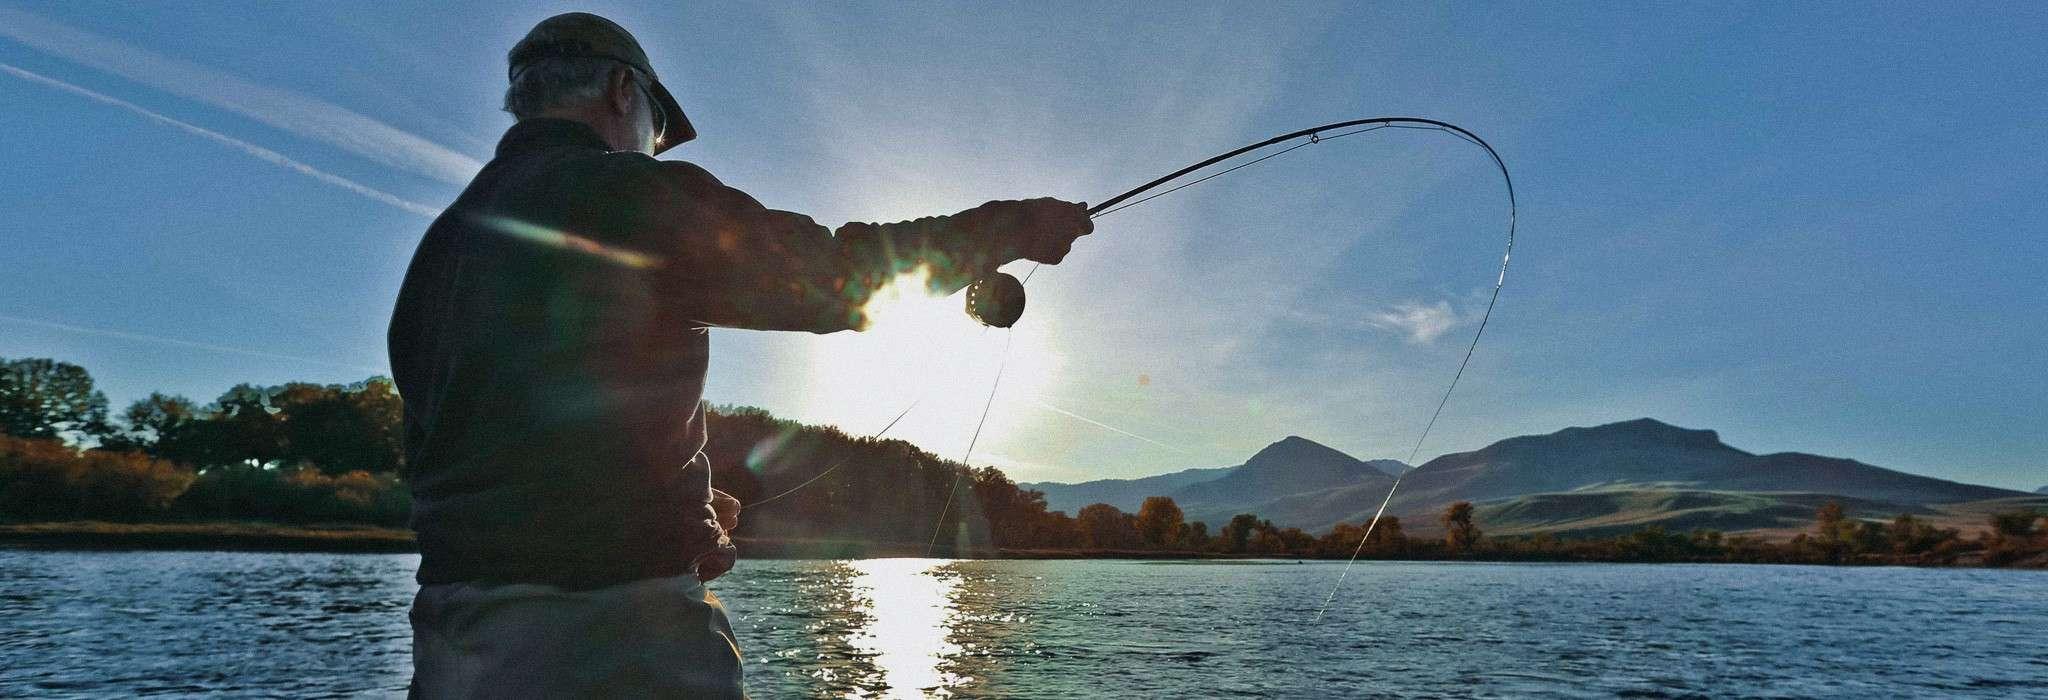 Mondo Pesca oltre 2000 articoli da pesca scontati fino al 50%